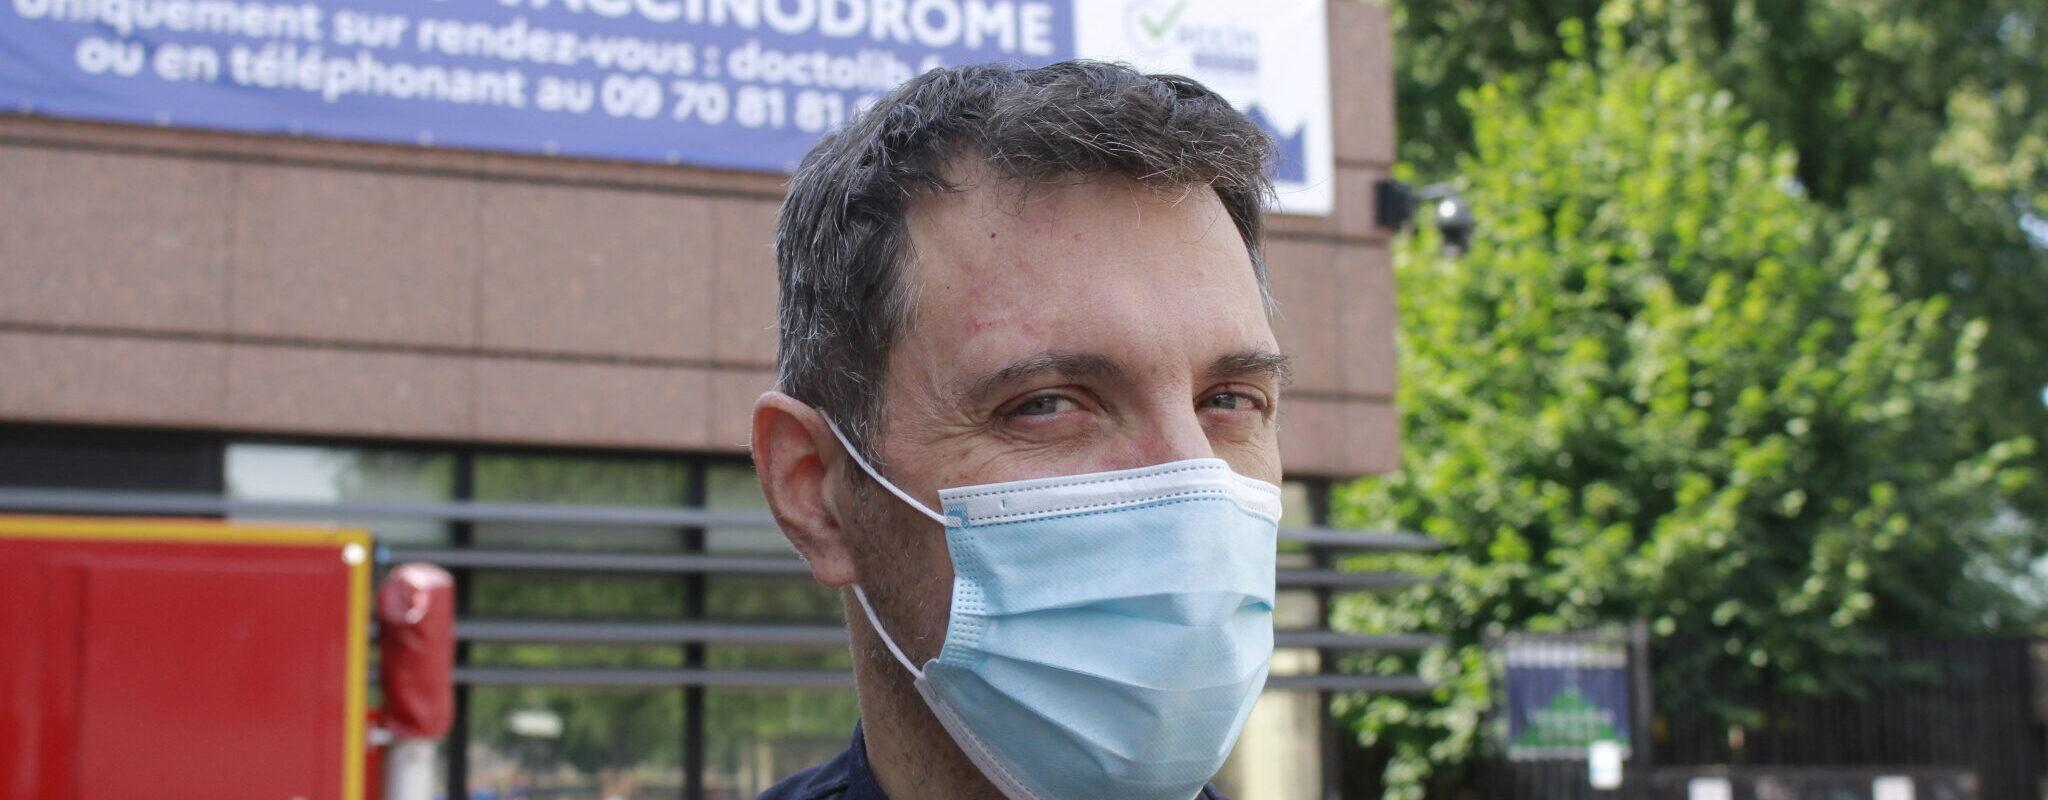 Revenu de Guadeloupe, où les patients sont triés, un soignant strasbourgeois redoute «une situation similaire à la rentrée»